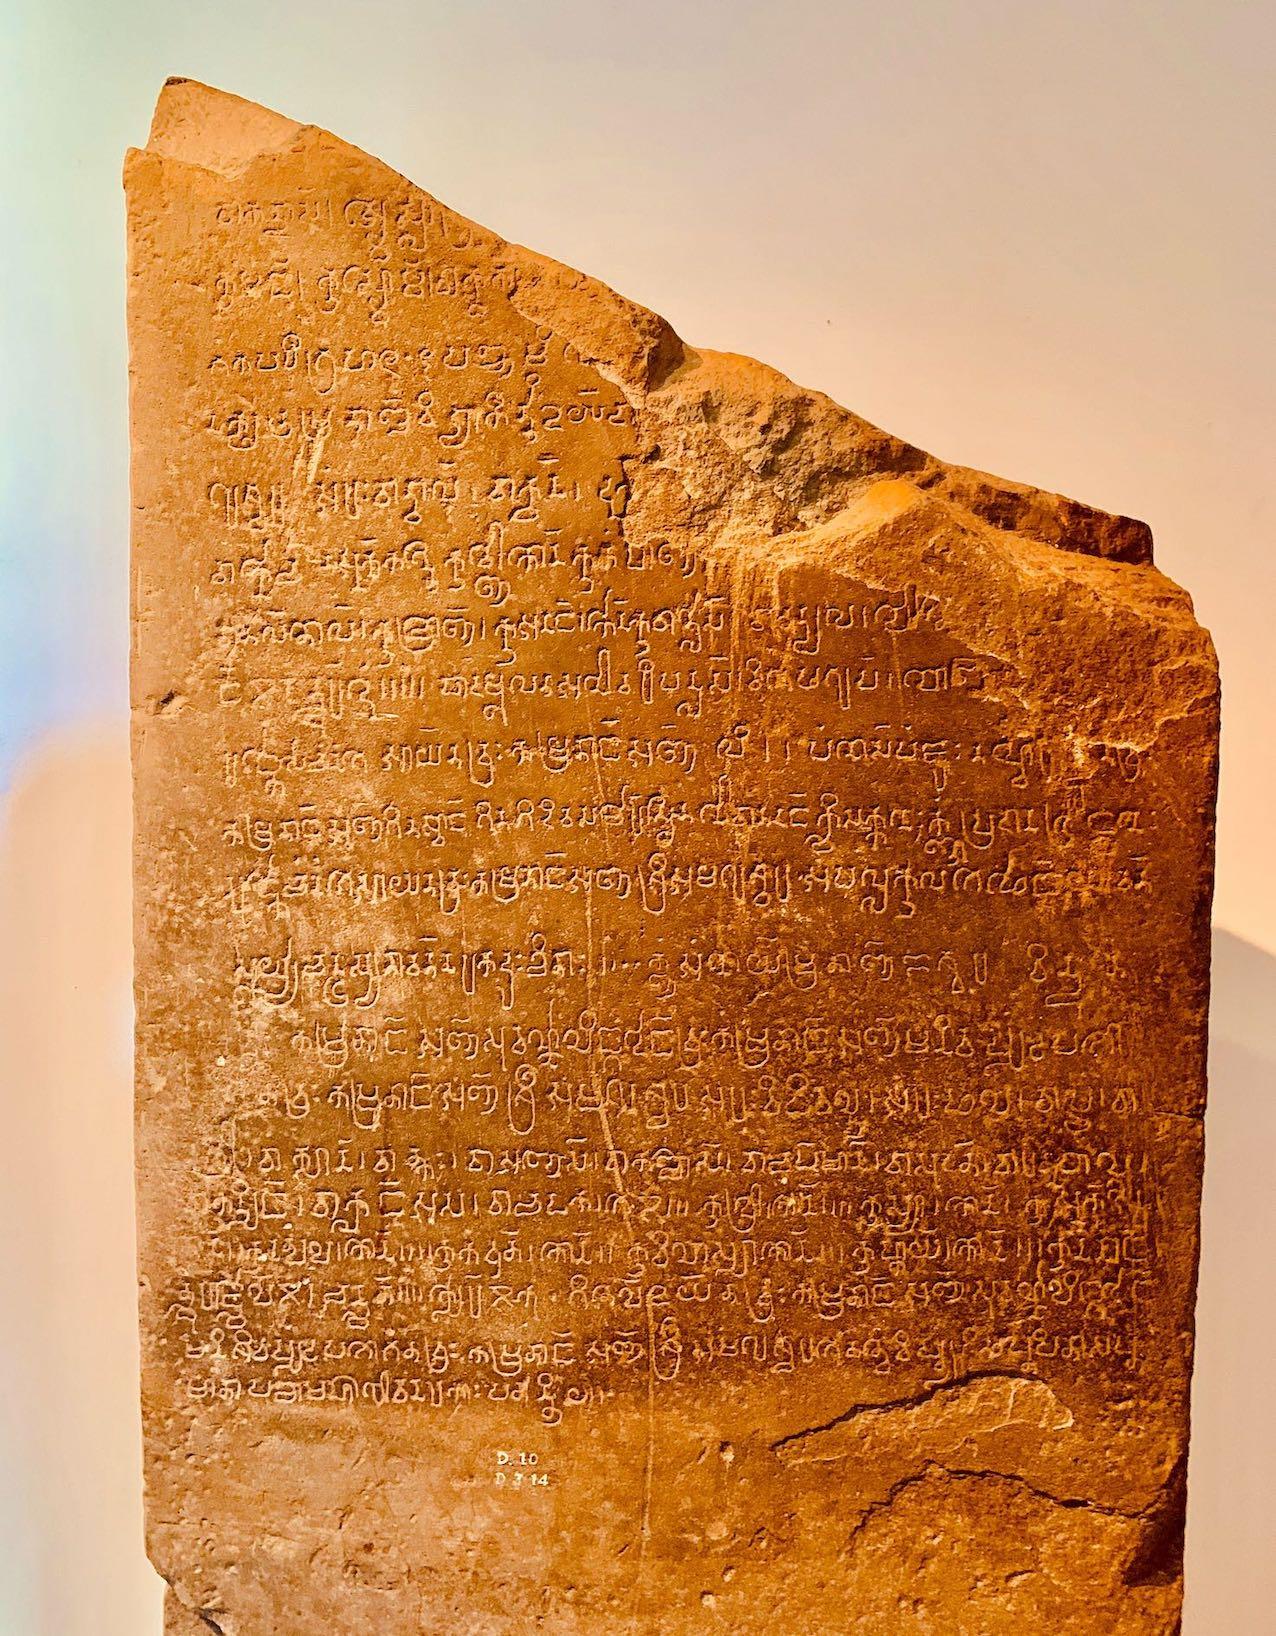 Ancient pre-Angkorian Khmer doorjamb inscription